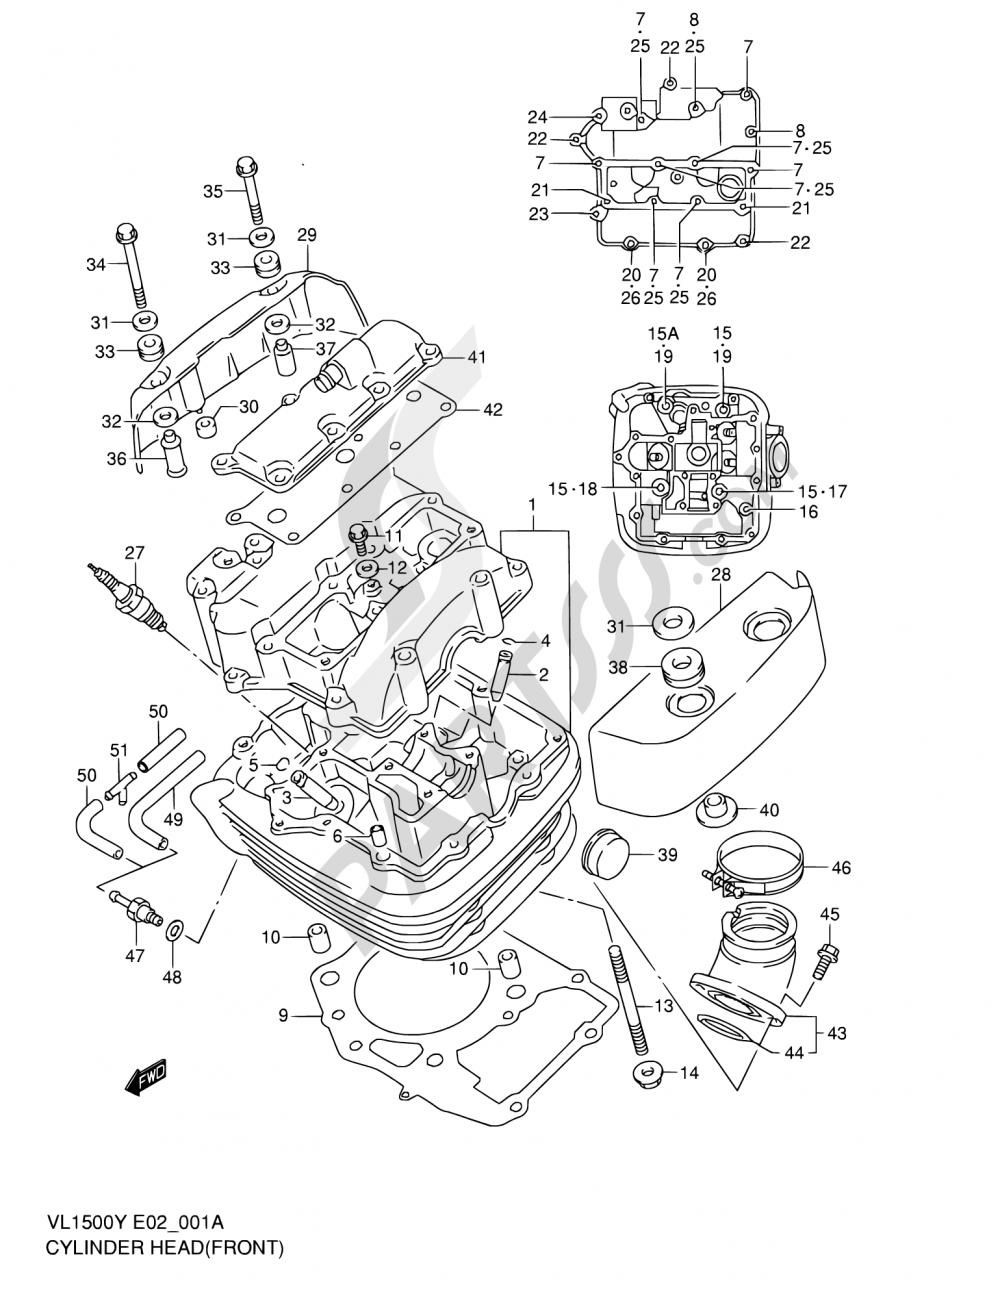 1A - CYLINDER HEAD (FRONT)(MODEL W/X/Y) Suzuki INTRUDER VL1500 1998